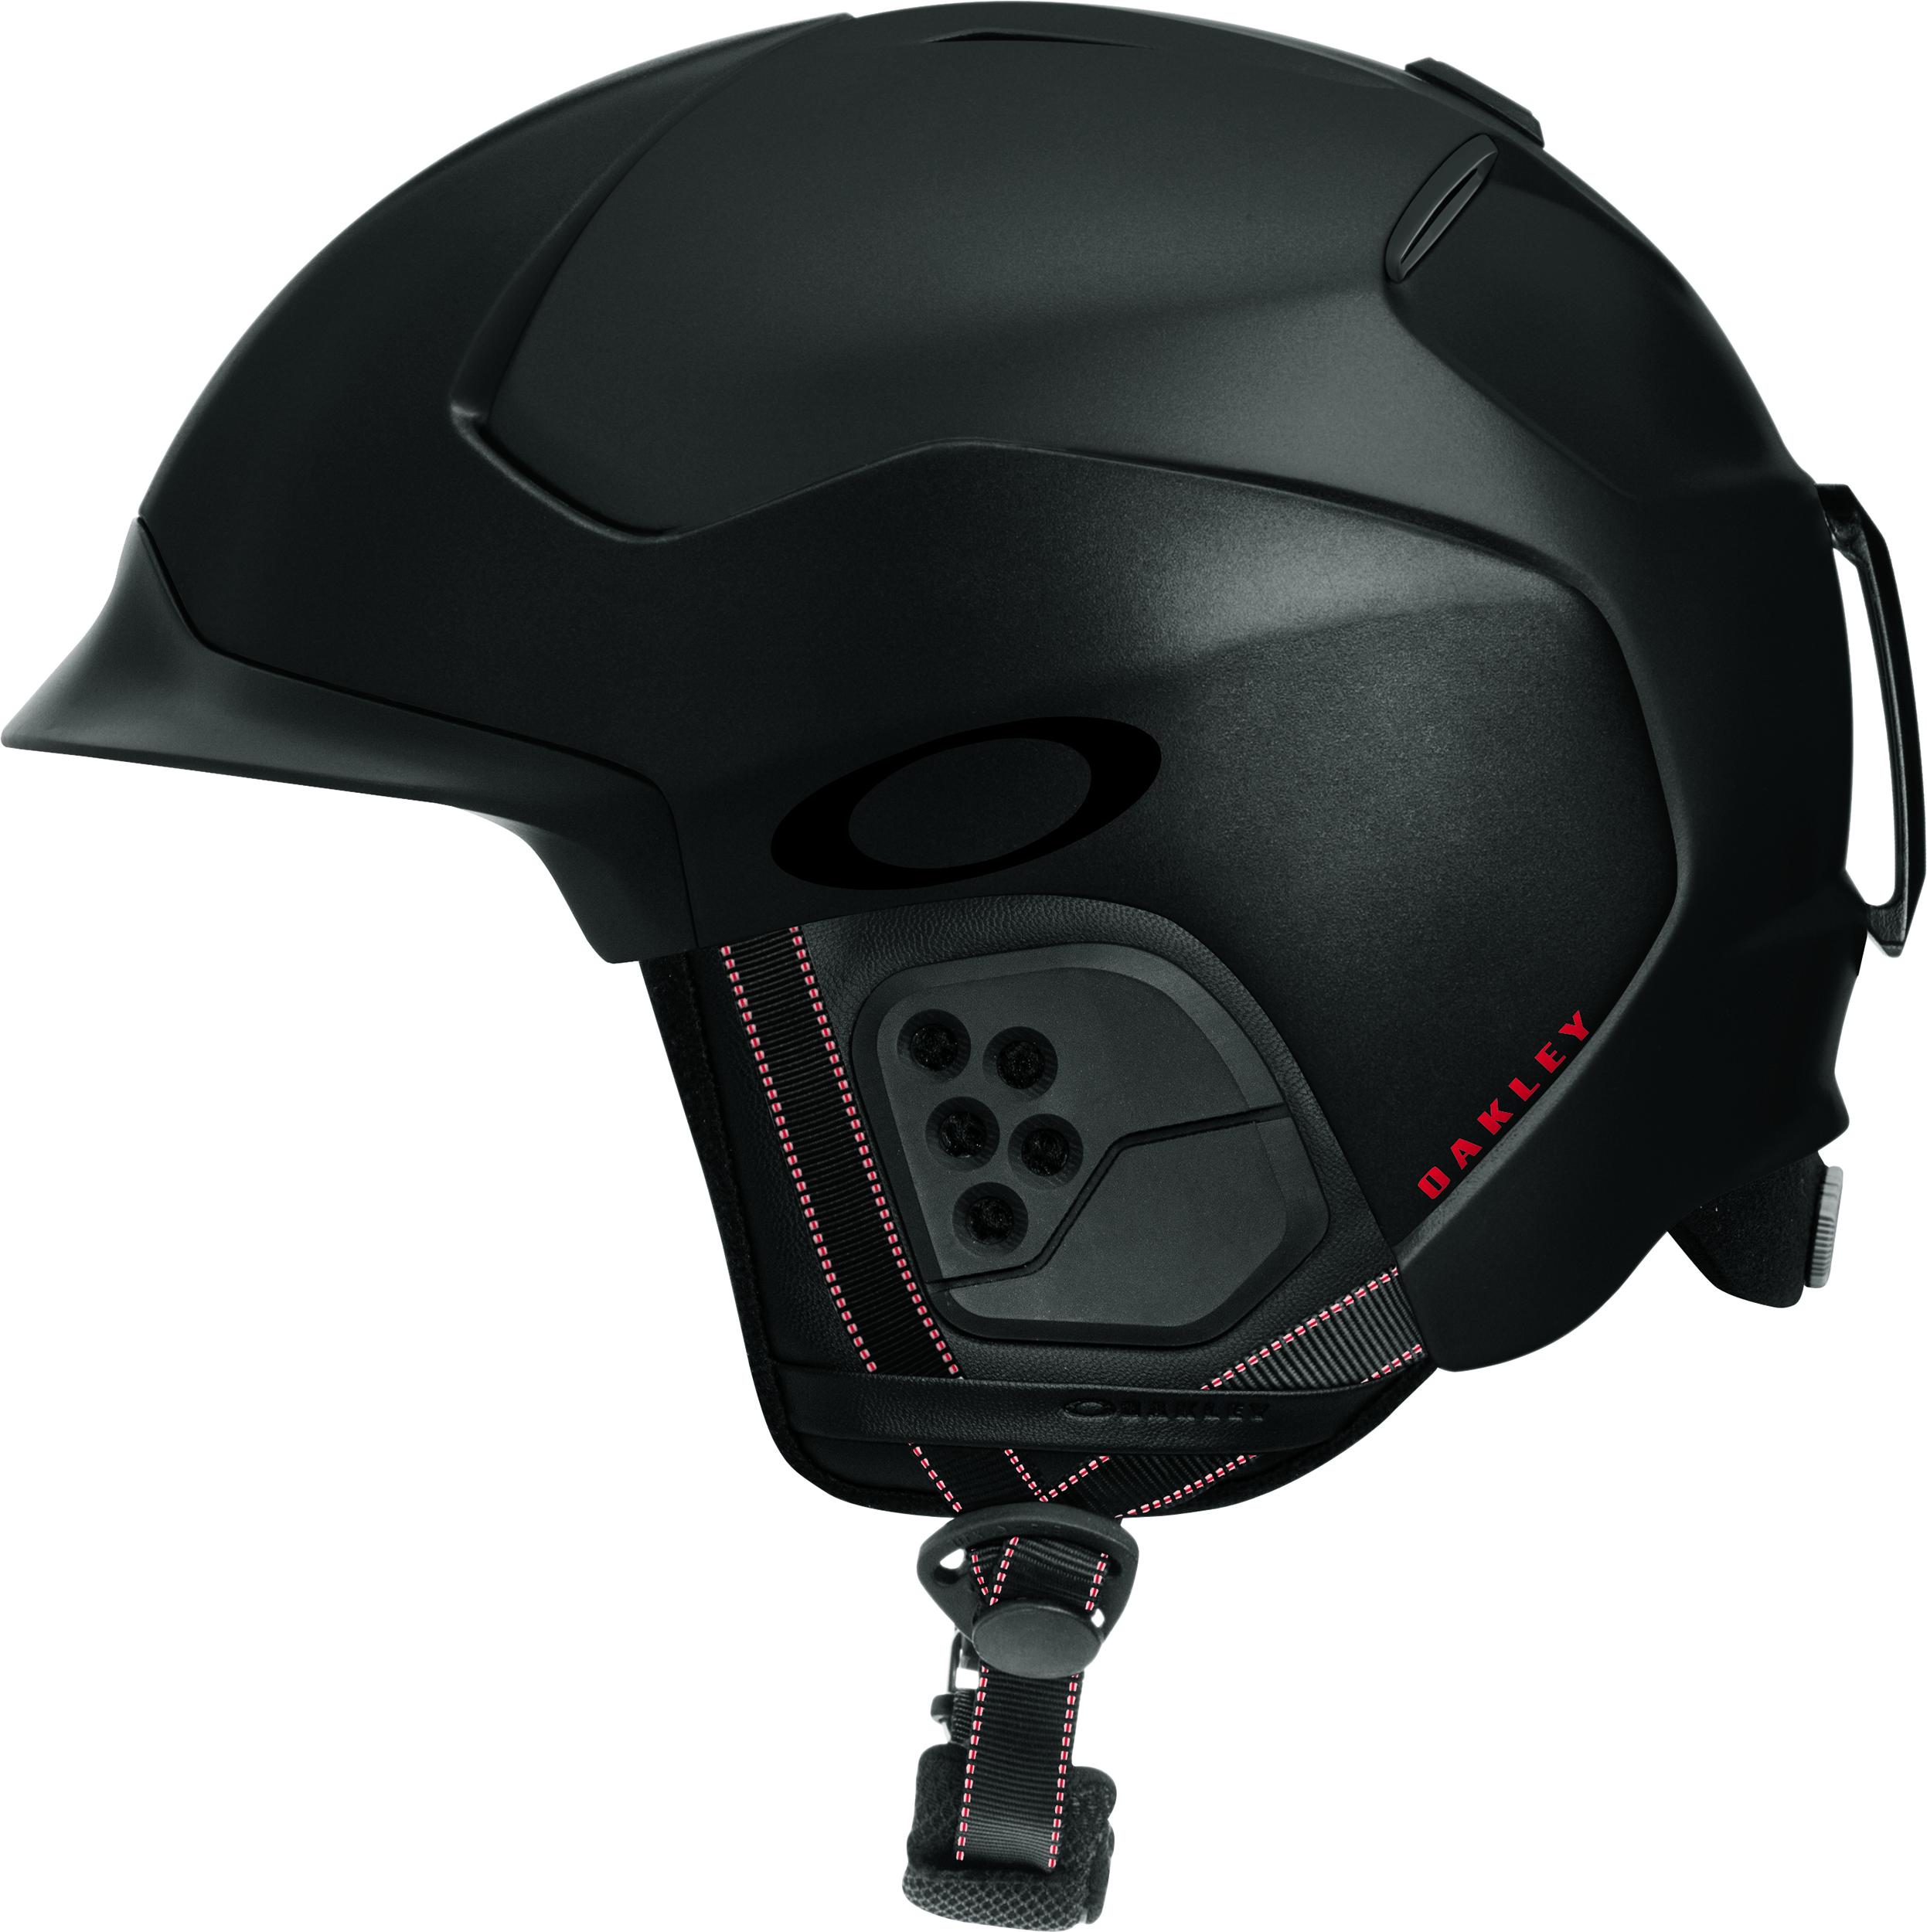 1c8b2854b4a Oakley Mod 5 Snow Helmet - Unisex